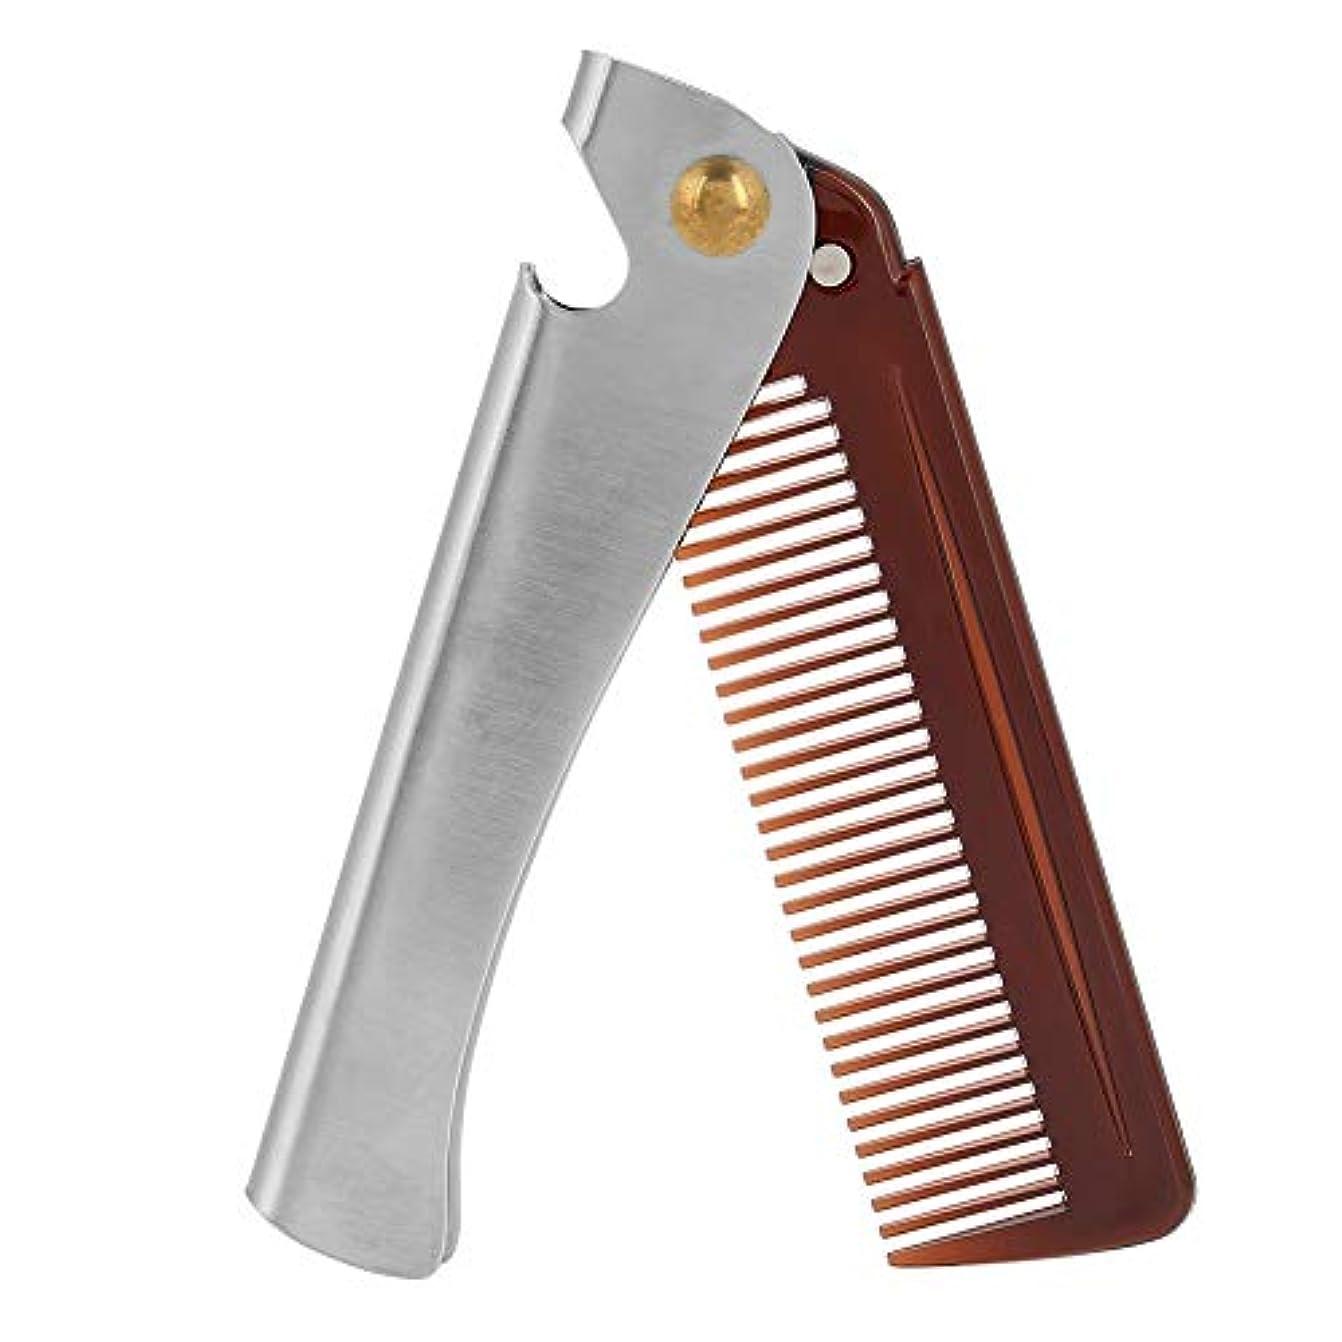 望み美人剛性ステンレス製のひげの櫛の携帯用ステンレス製のひげの櫛の携帯用折りたたみ口ひげ用具の栓抜き